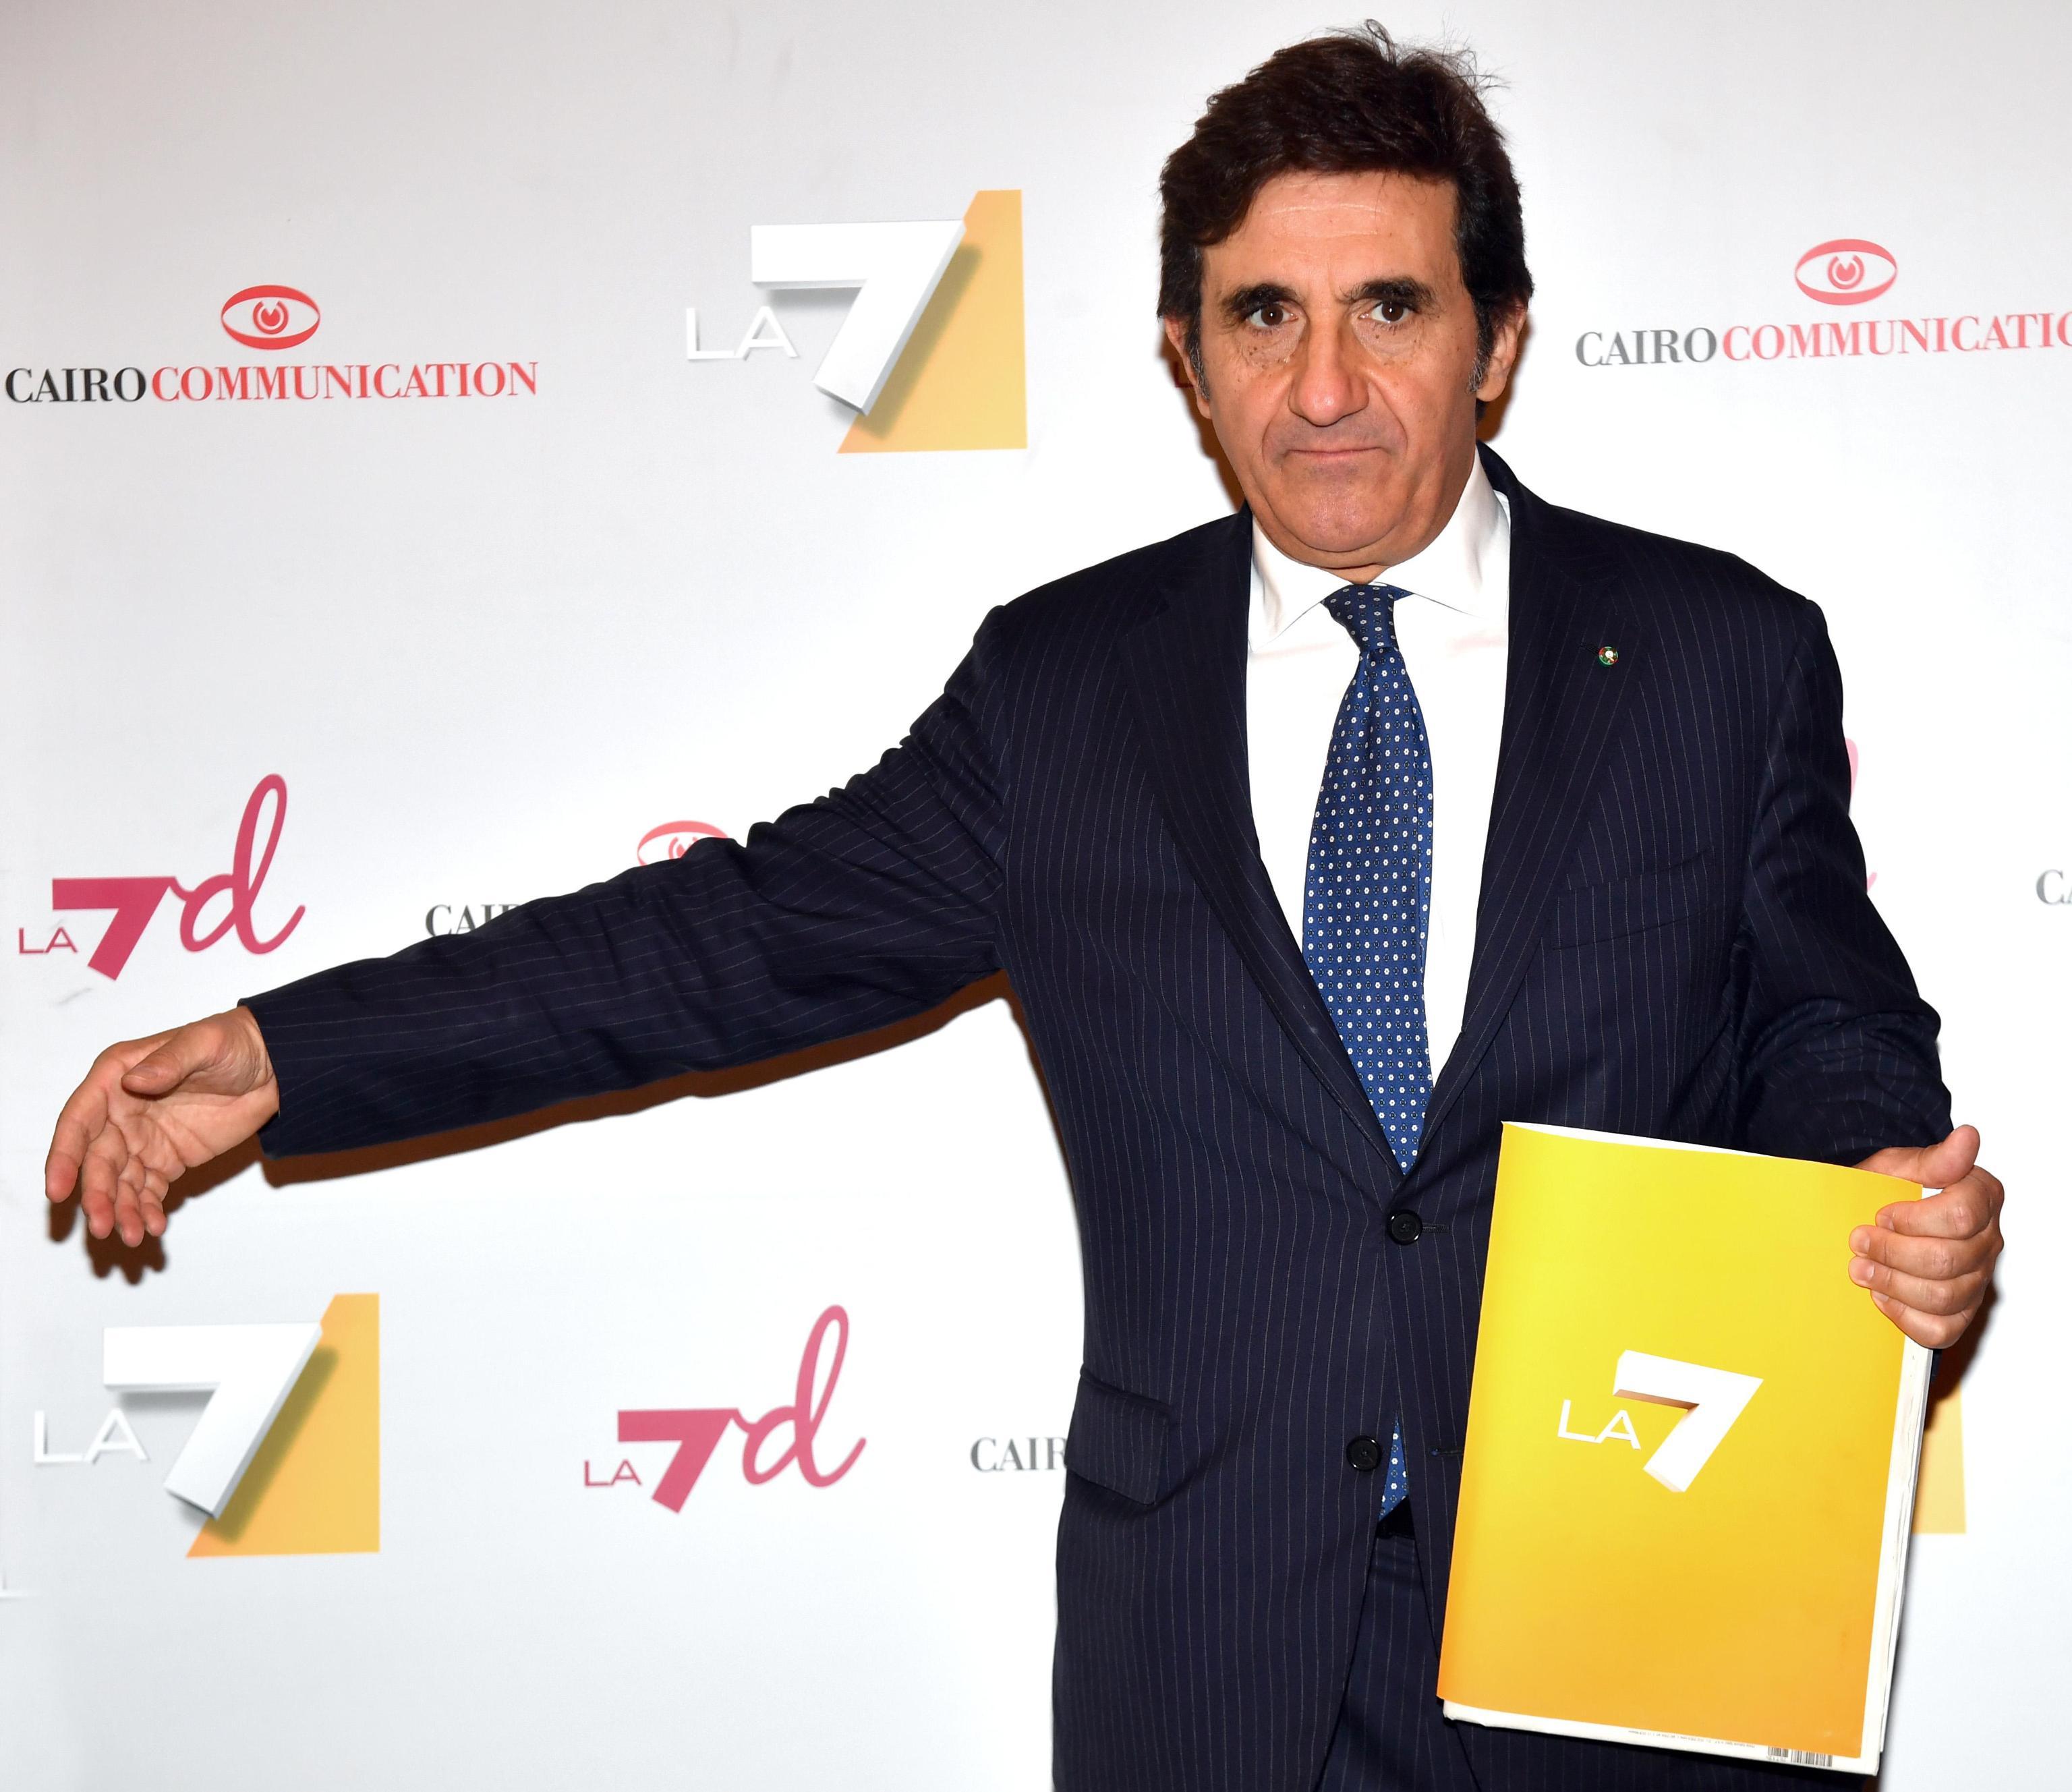 Palinsesti La7 2017-2018: tanta informazione e la novità Corrado Guzzanti